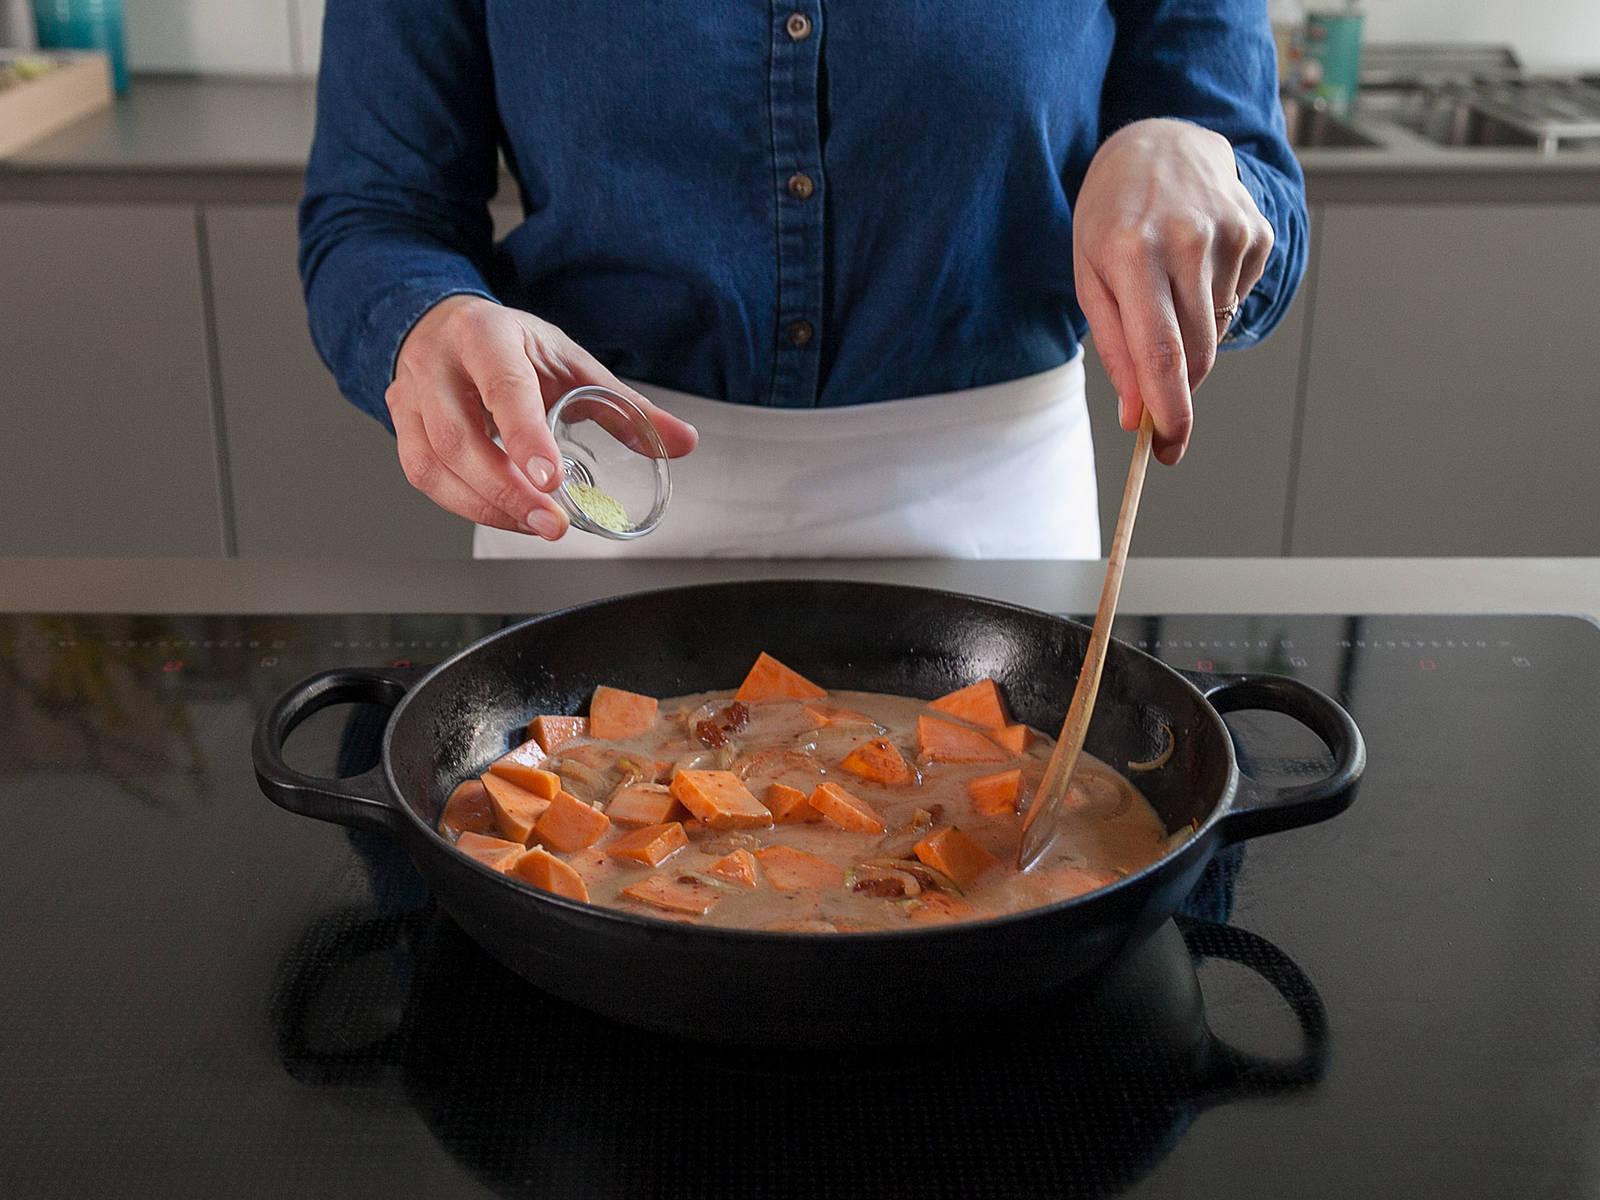 Süßkartoffeln, Kokosmilch, Wasser, Currypaste, braunen Zucker und Hühner-Bouillon hinzugeben und miteinander vermengen. Mit einem Kochlöffel aus Holz den am Topfboden klebenden Bratensatz lösen. Aufkochen lassen und anschließend Hitze reduzieren. Abgedeckt ca. 10 Min. köcheln lassen, oder bis die Kartoffeln gar sind.